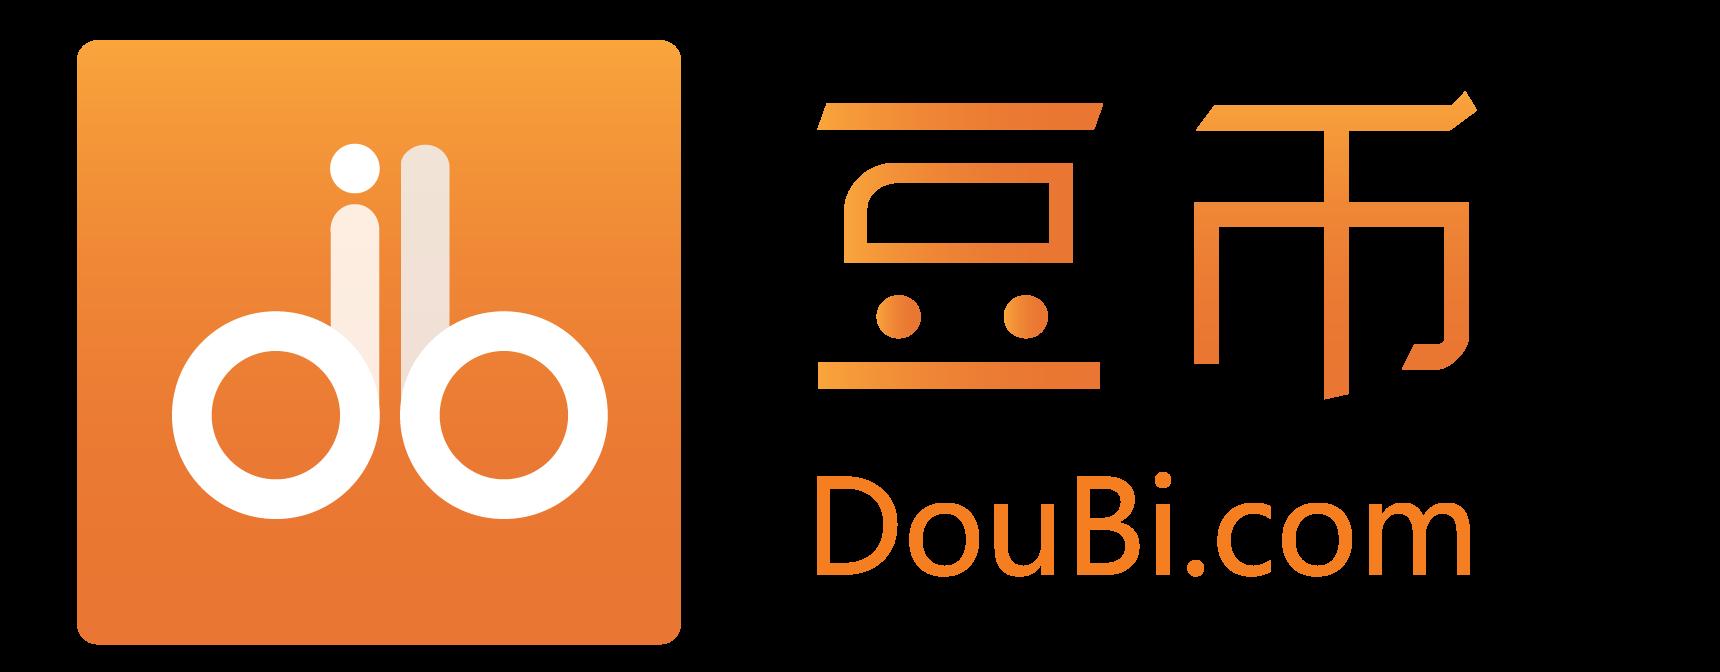 豆币|DouBi.com